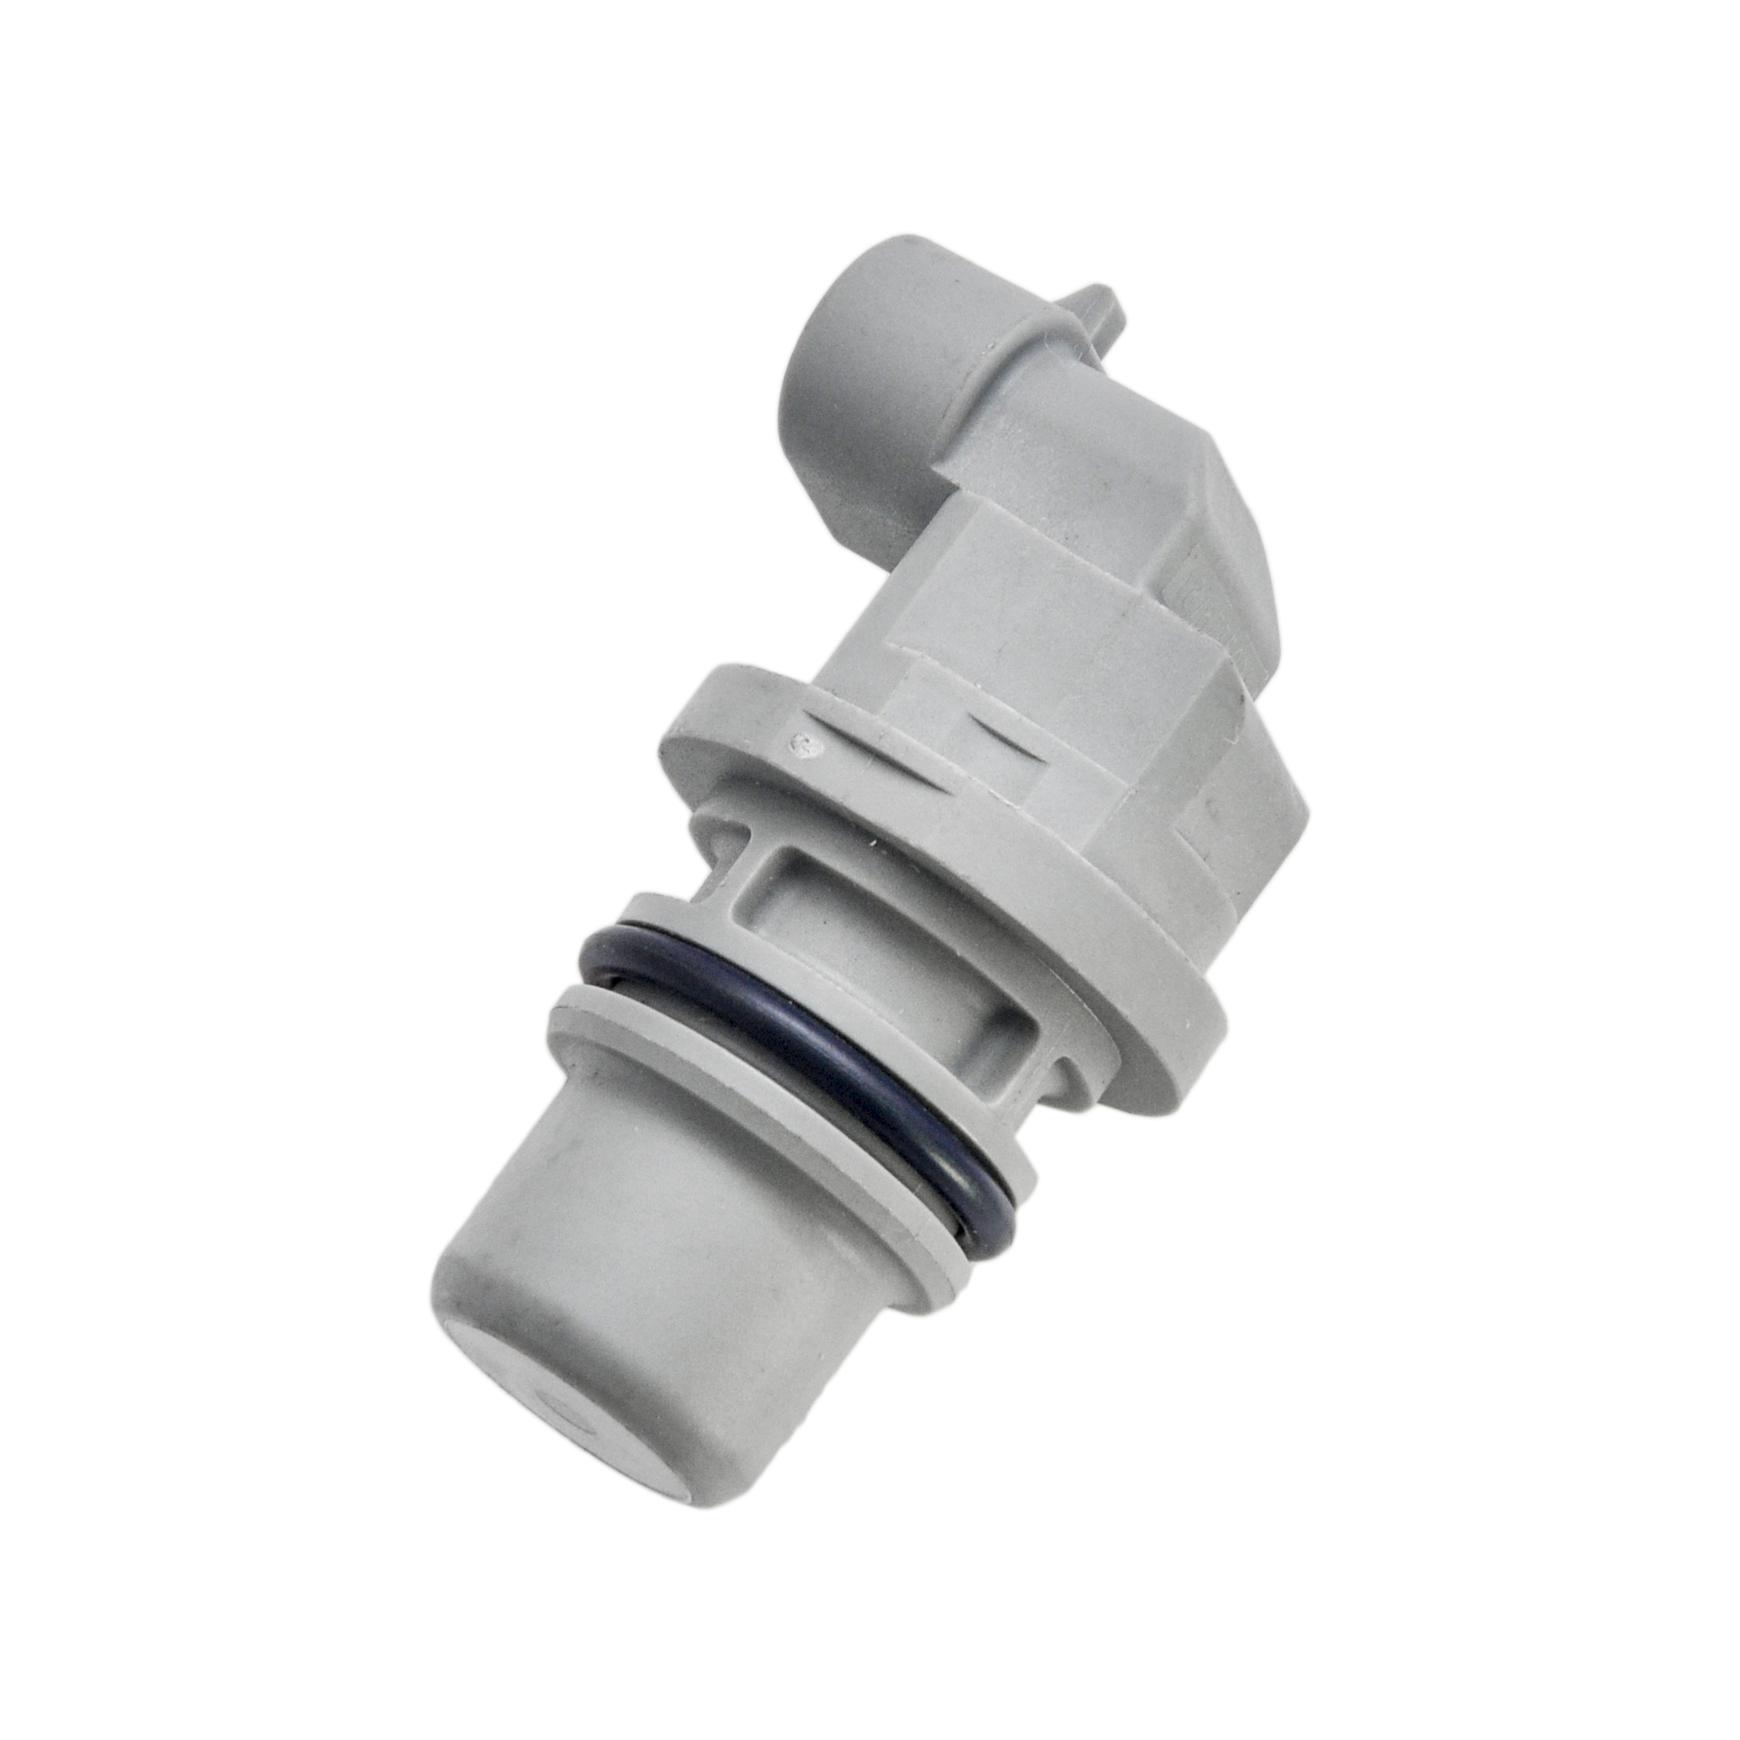 94 Ford Ranger 2 3 Camshaft Position Sensor: Herko 7.3LHC Powerstroke Camshaft Position Sensor For Ford